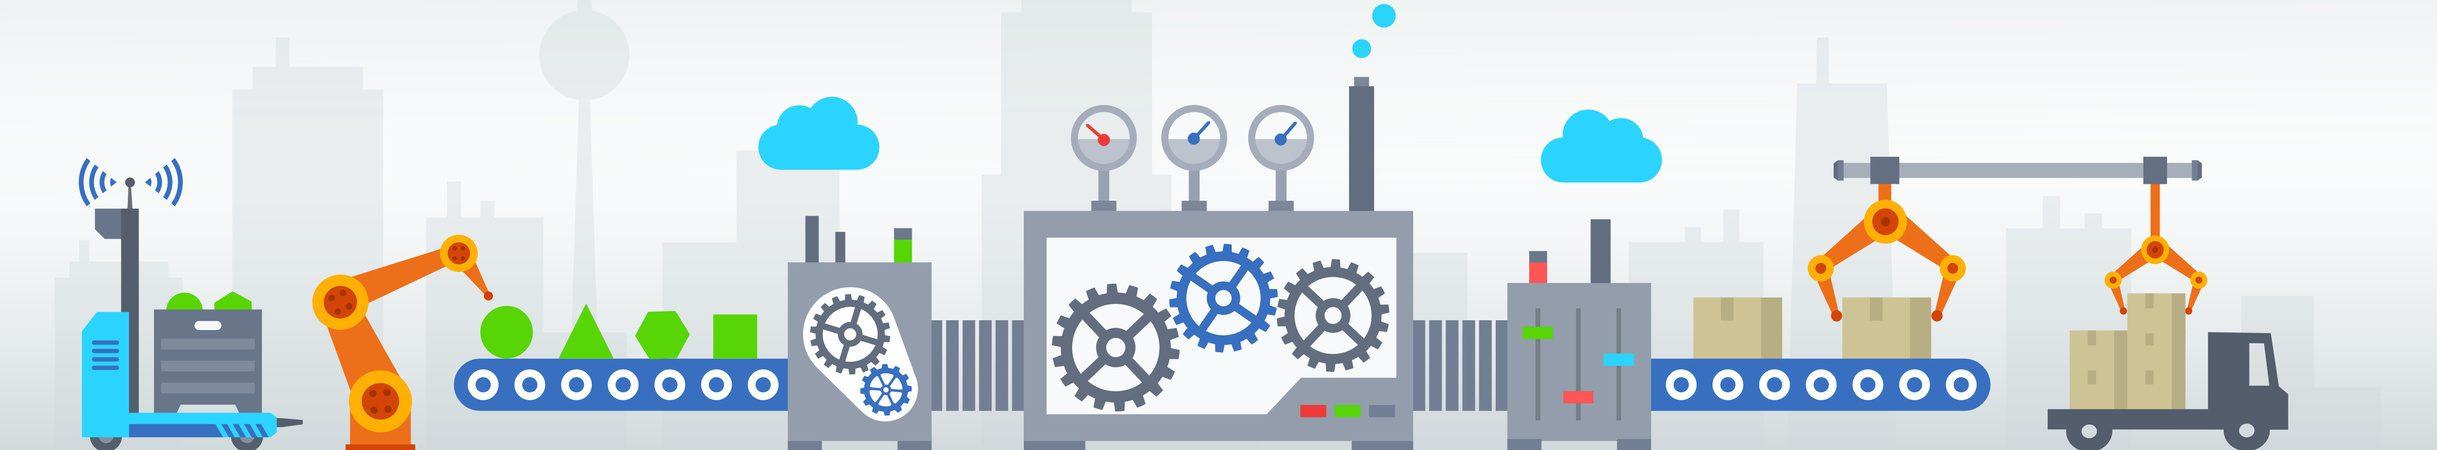 IoT : pourquoi intégrer la technologie dans votre usine ?